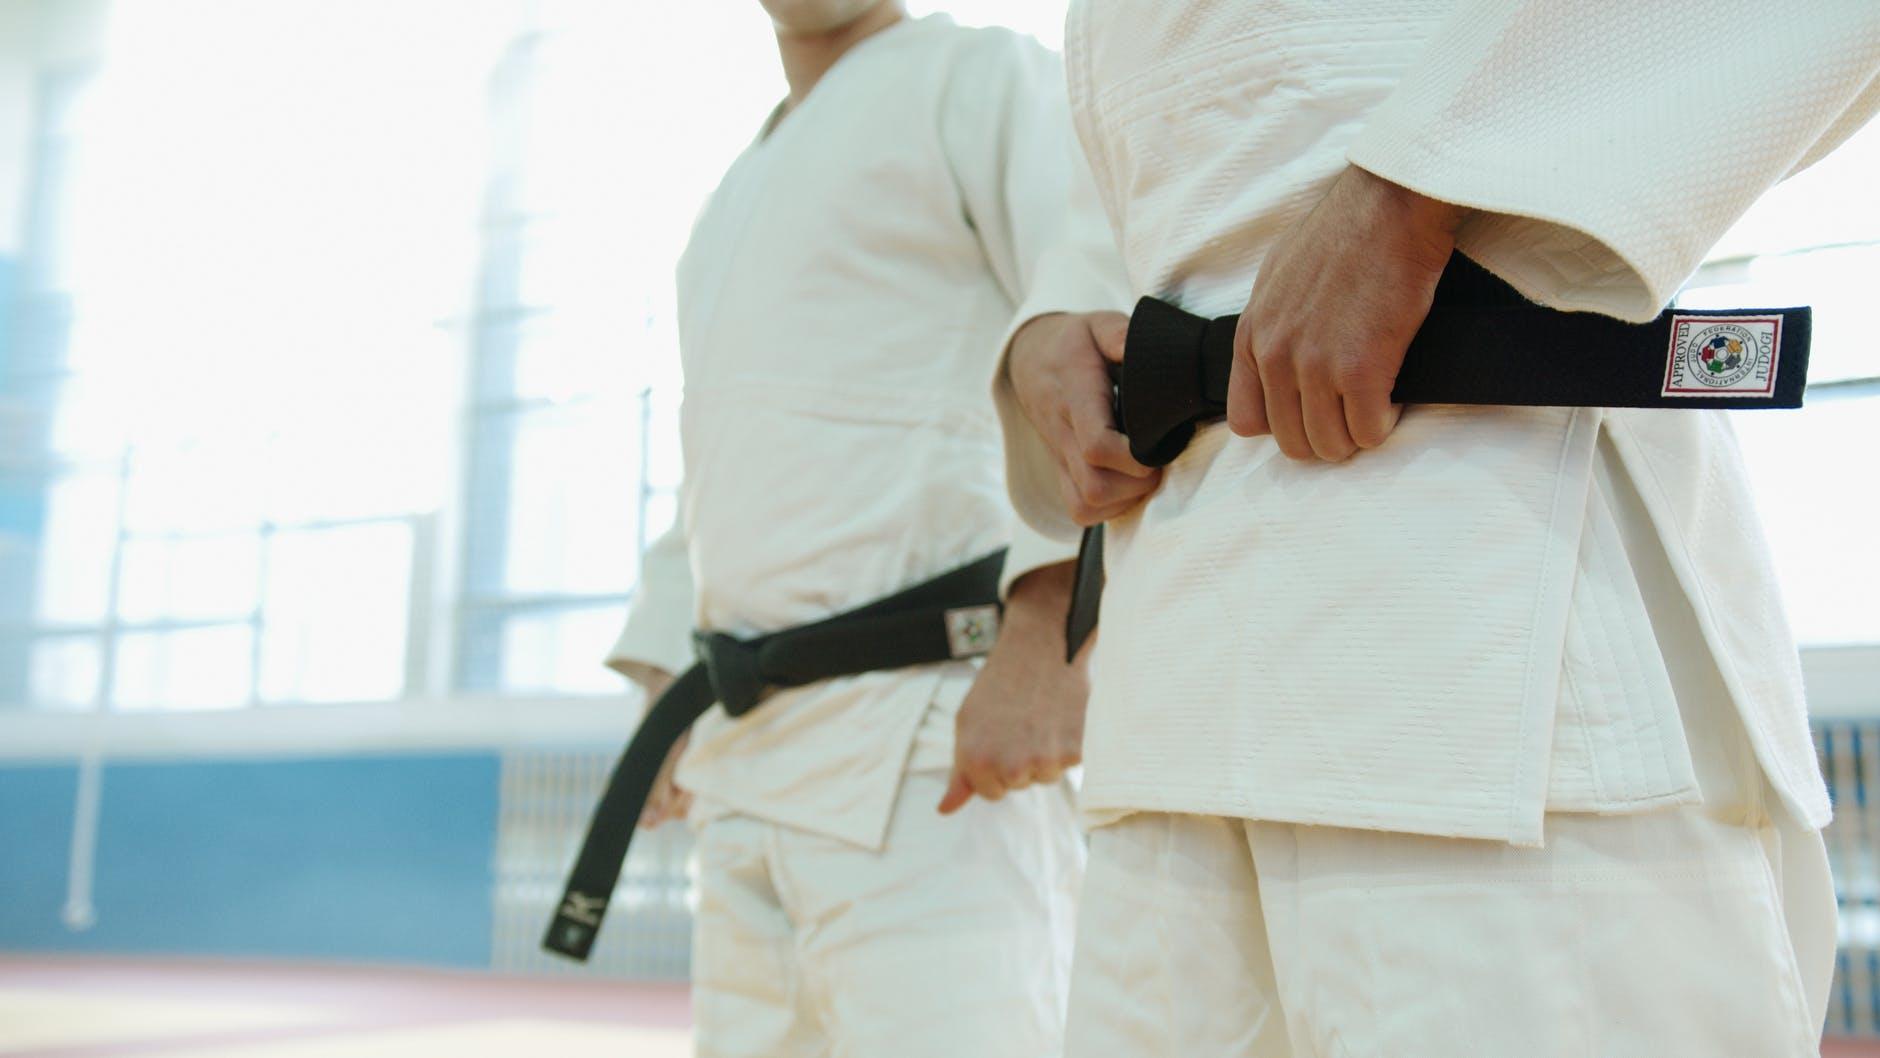 Казахстанские каратисты не смогут блеснуть на Играх в 2024 году